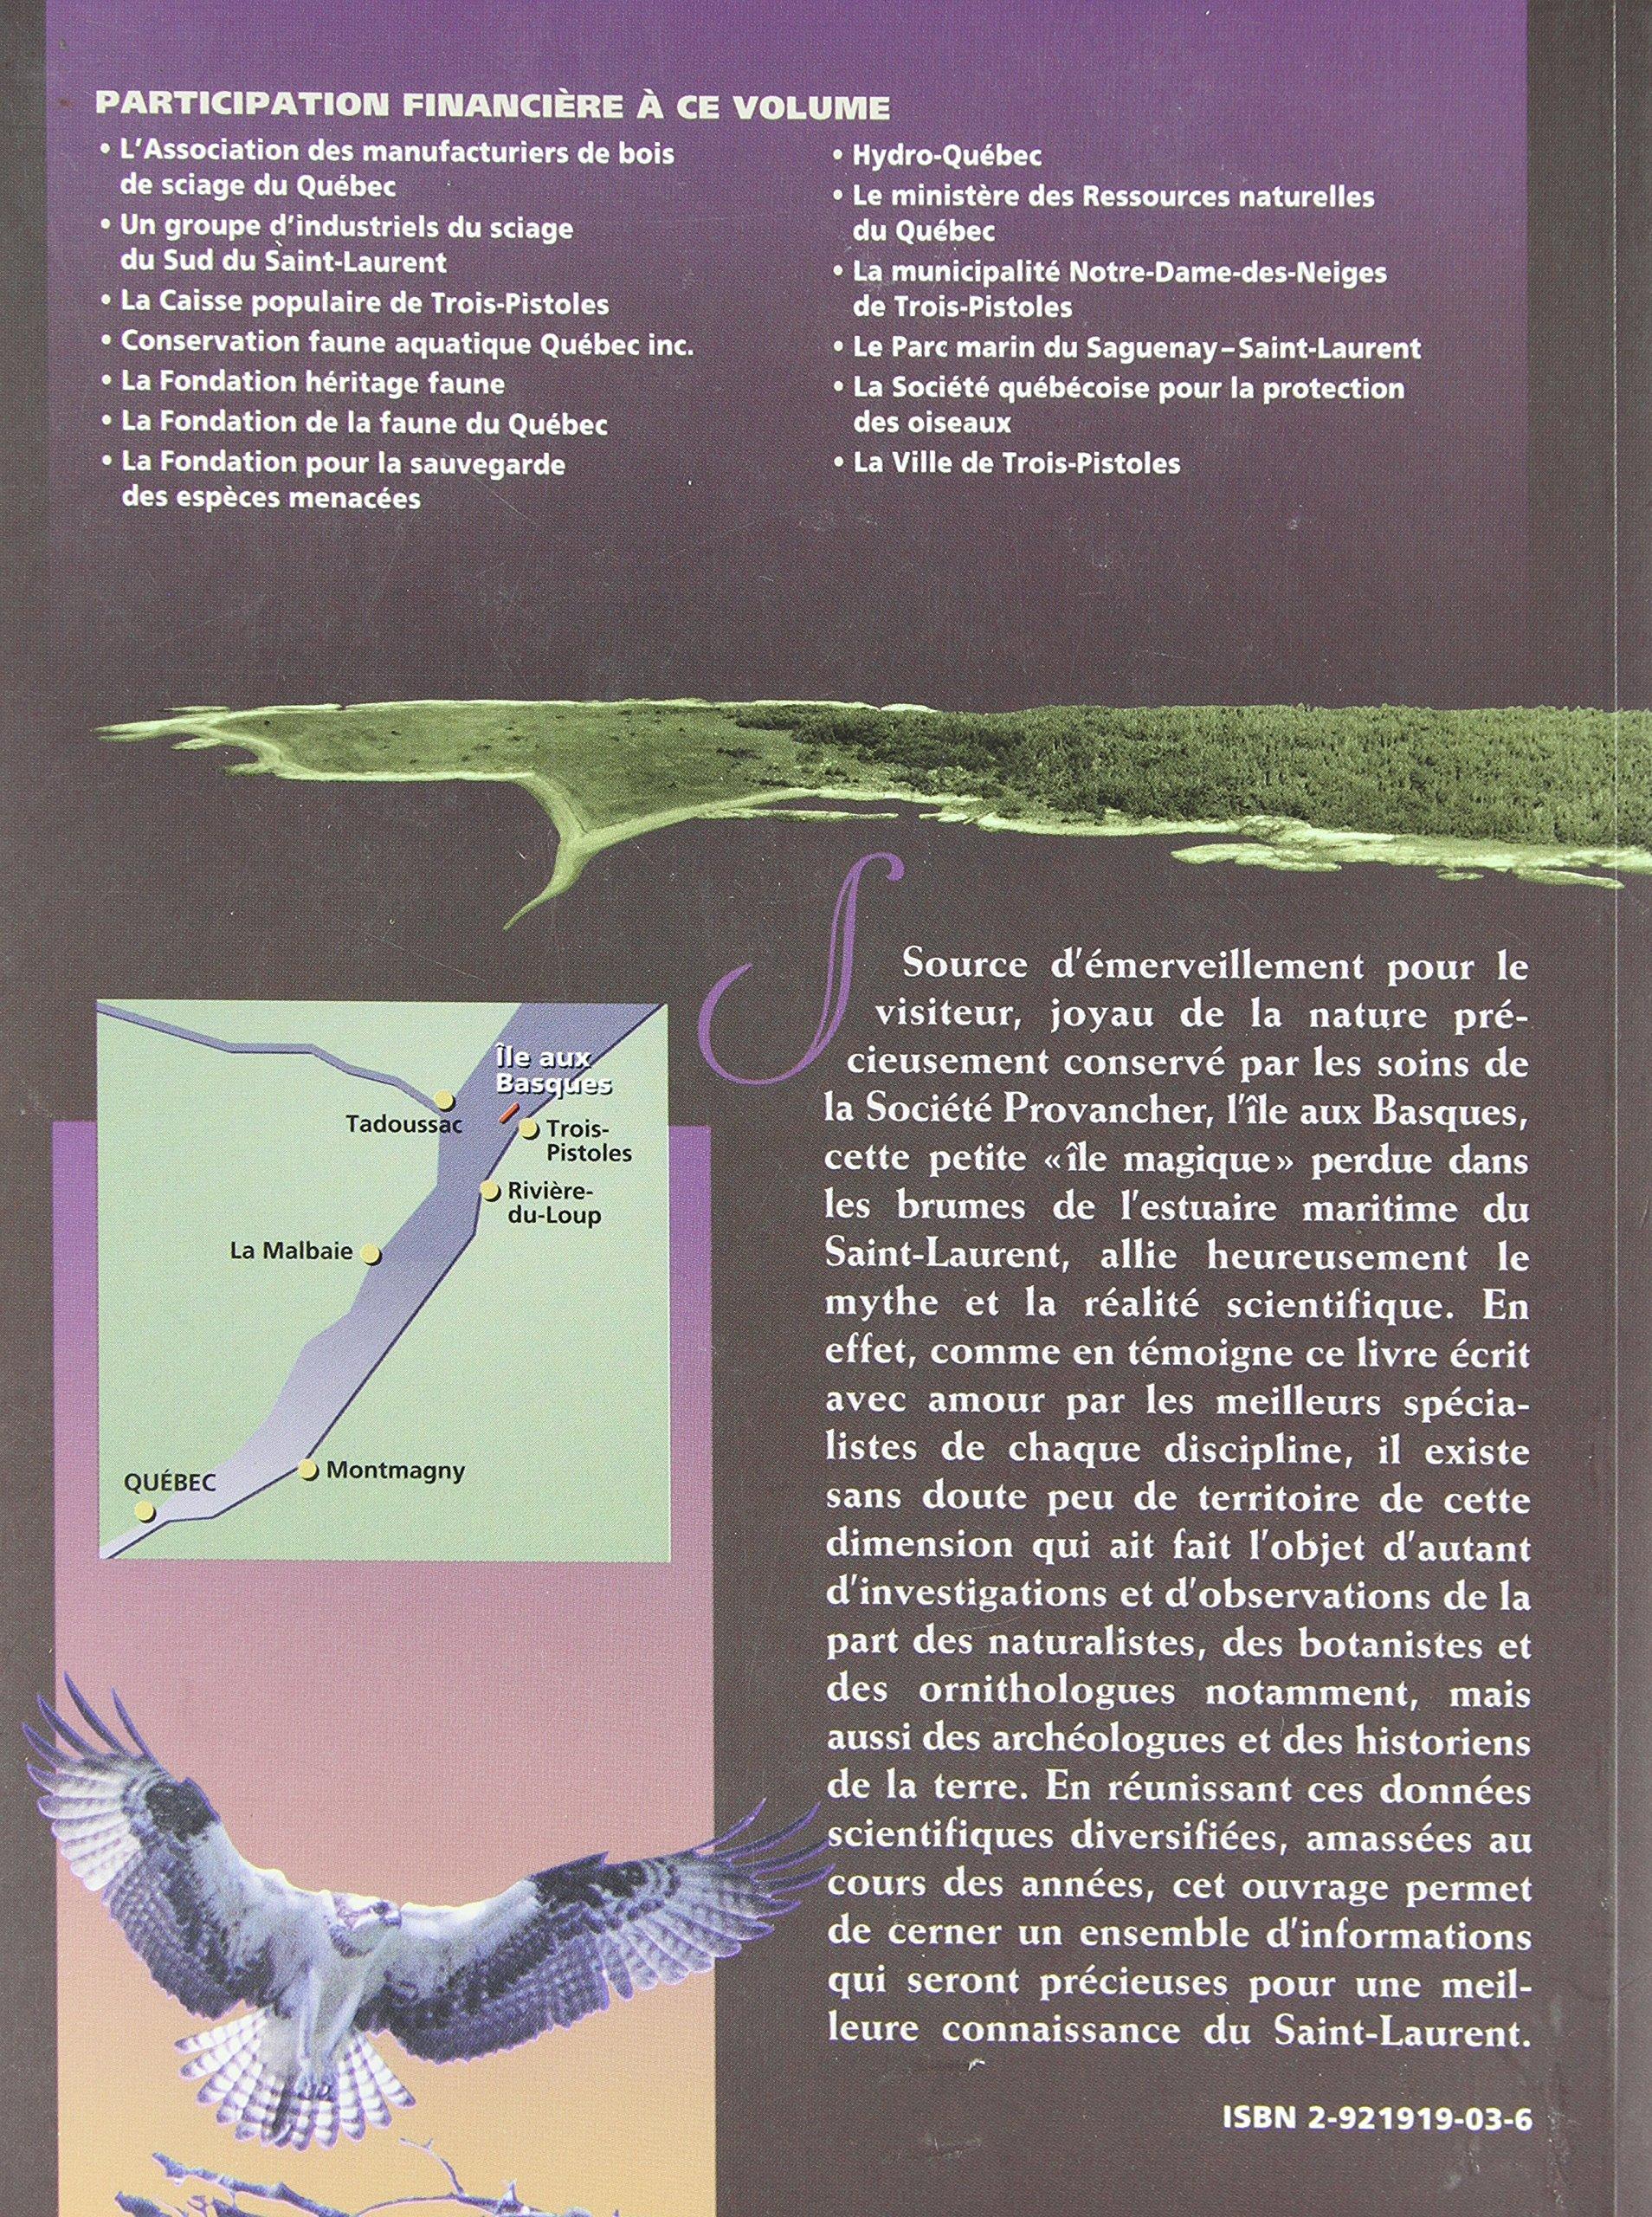 Une page du livre de L'Île aux Basques de la Société Provencher d'histoire naturelle du Canada